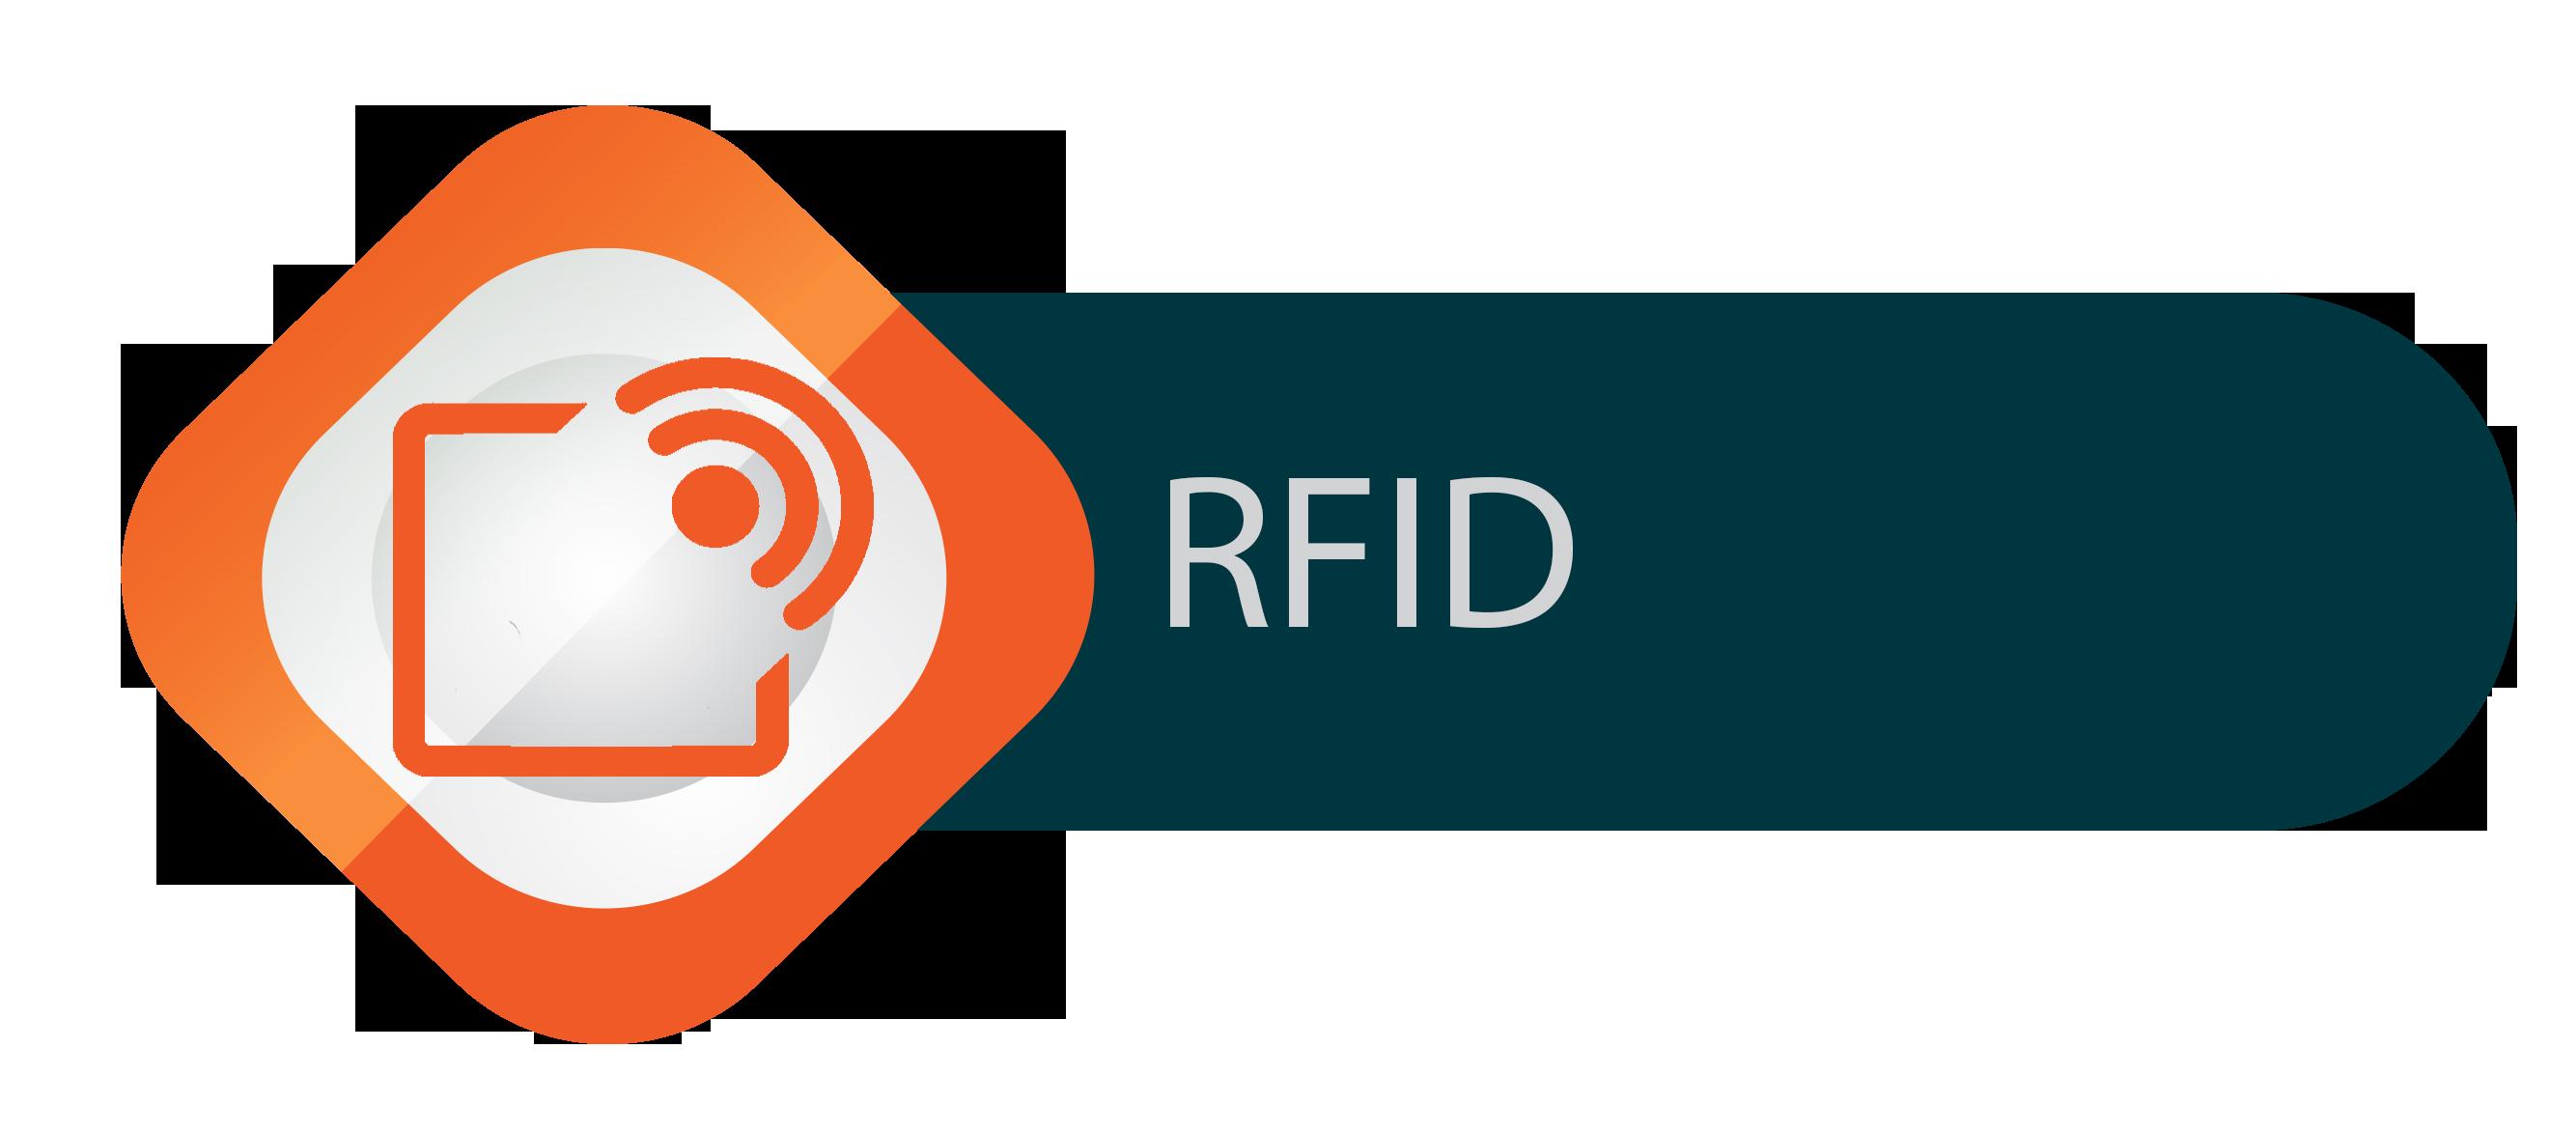 RFID_terminal_probio_controlo_acessos_assiduidade